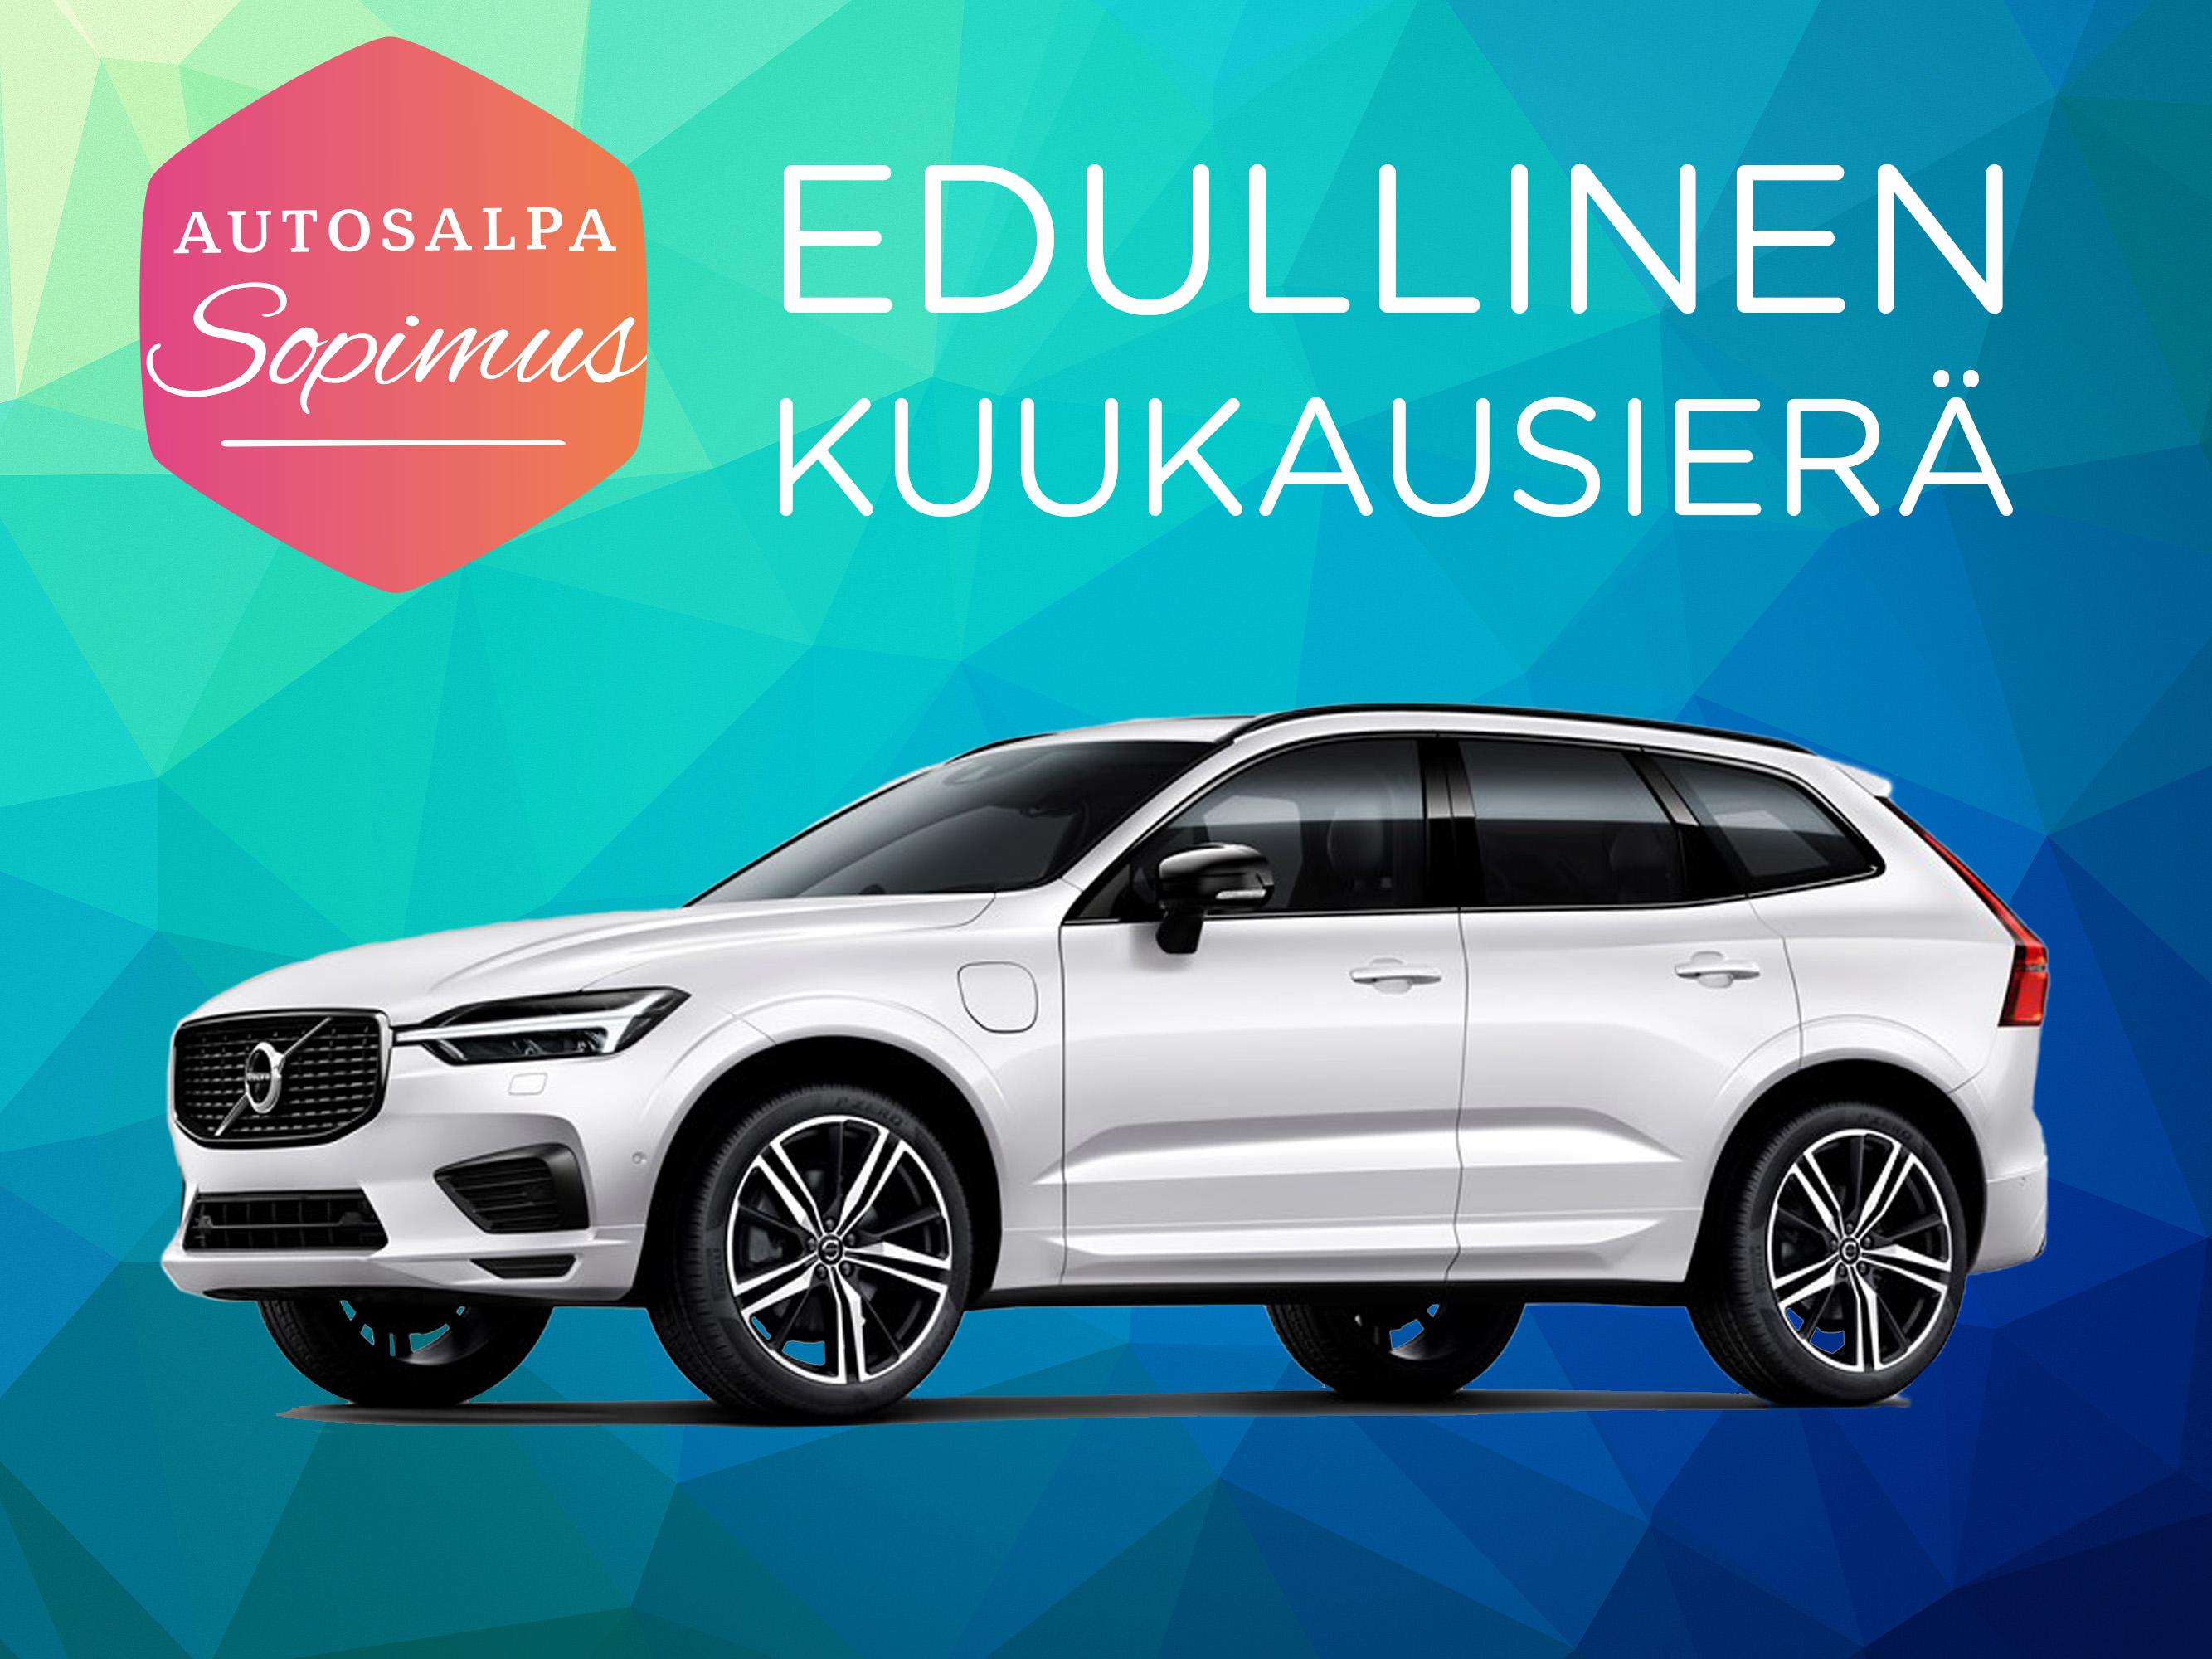 Volvo XC60 T6 TwE Business R-Design Edition aut. esim. 547 € / kk